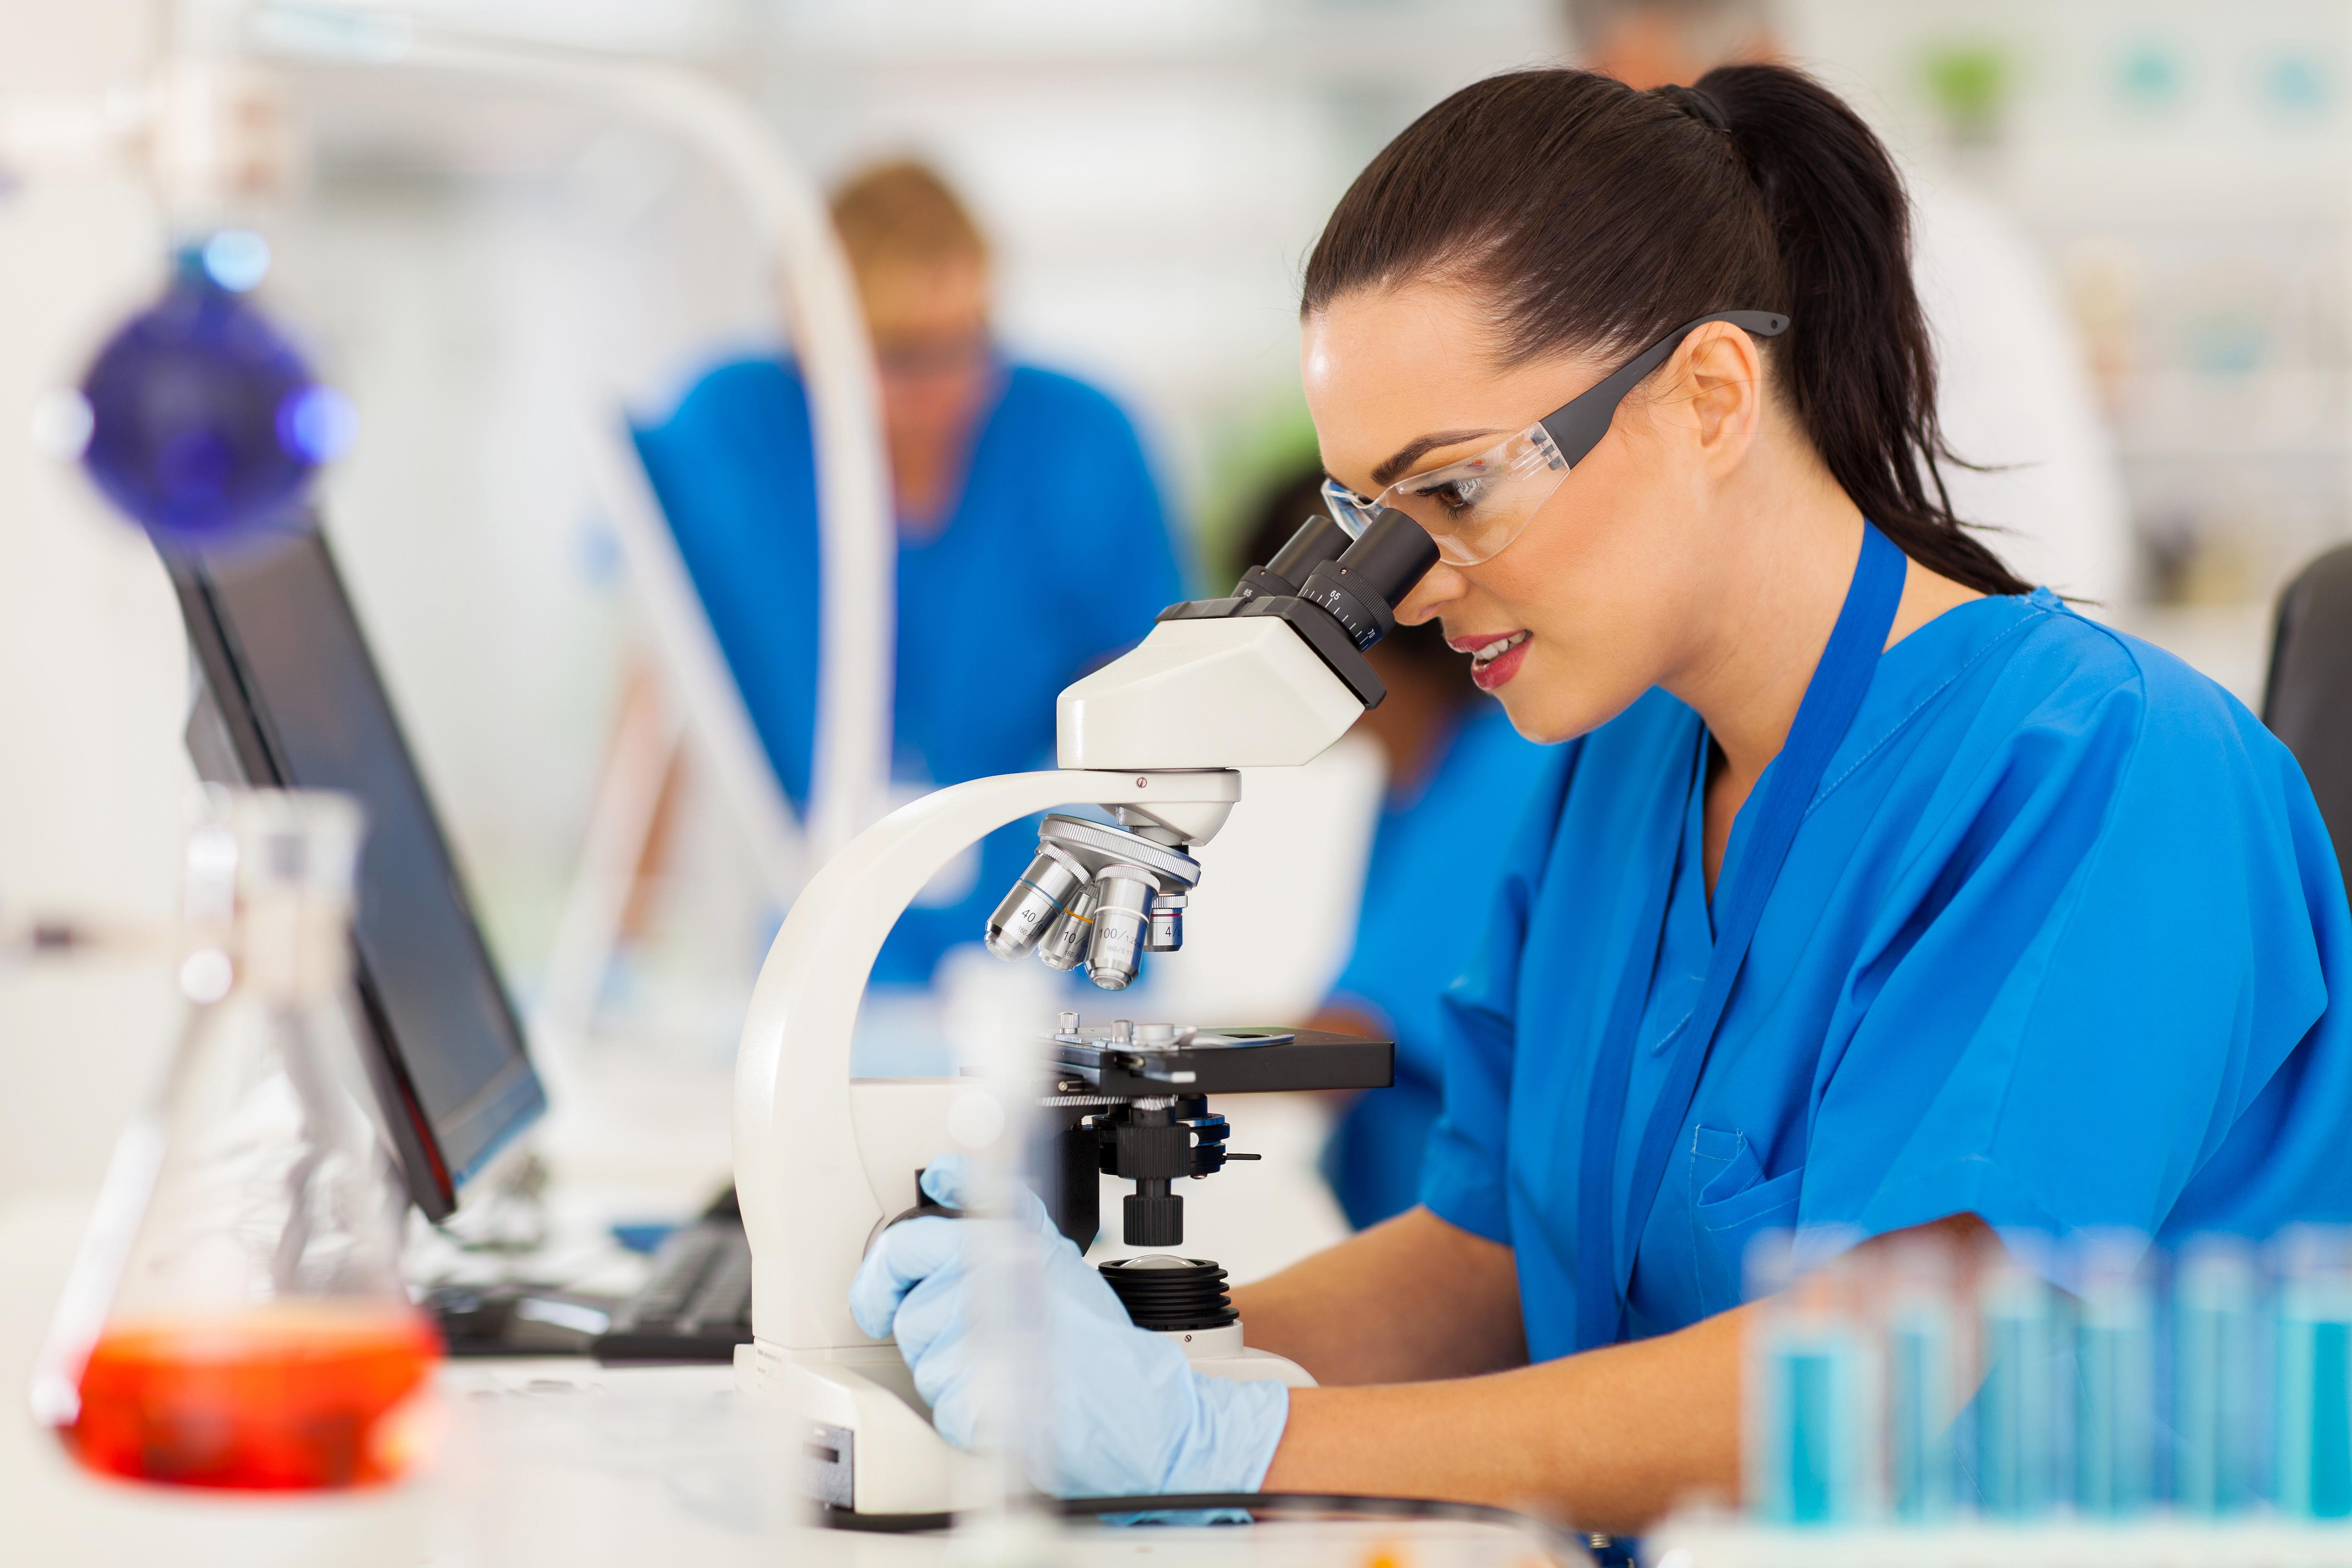 Вчені виявили, що антибіотики майбутнього знаходяться всередині самих людей